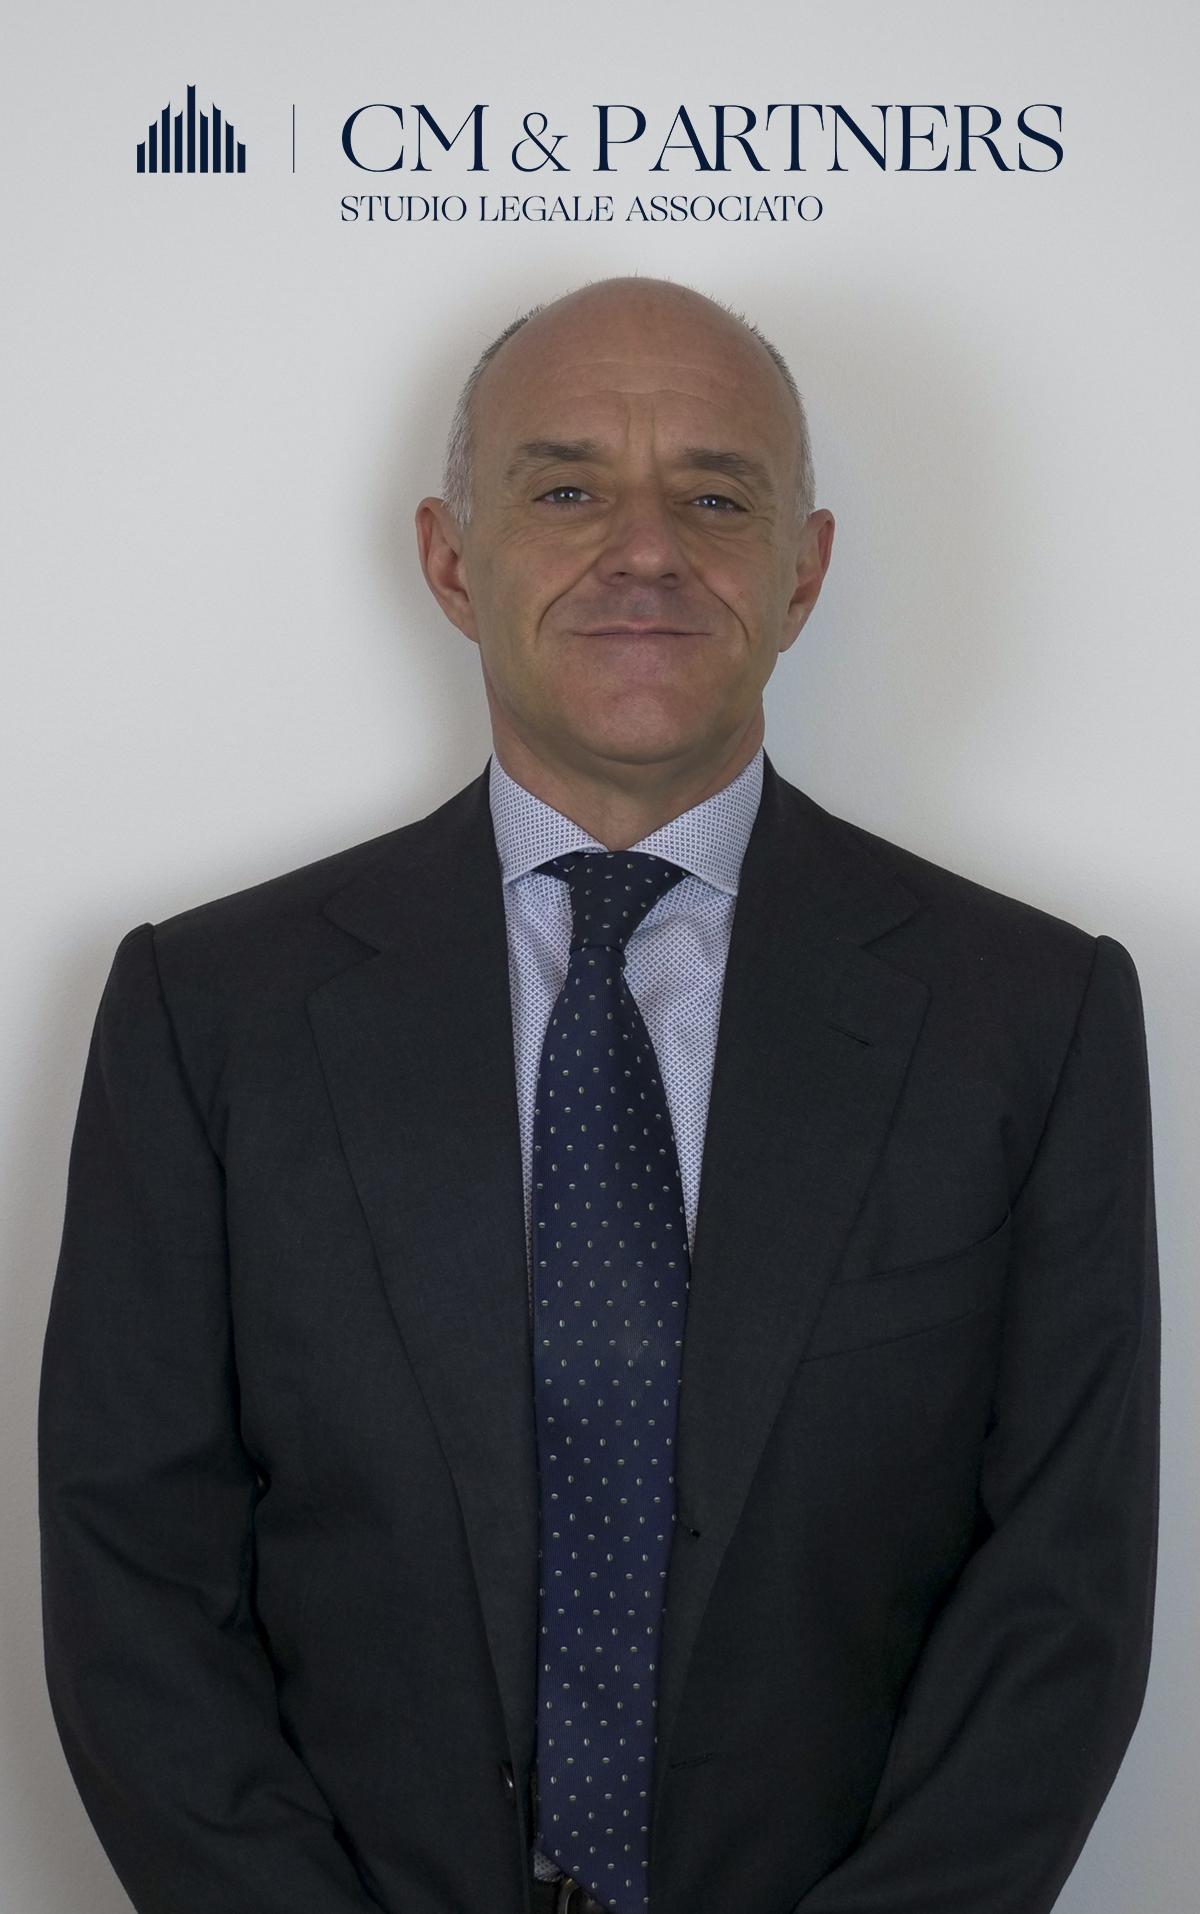 Dott. Alberto Camnasio